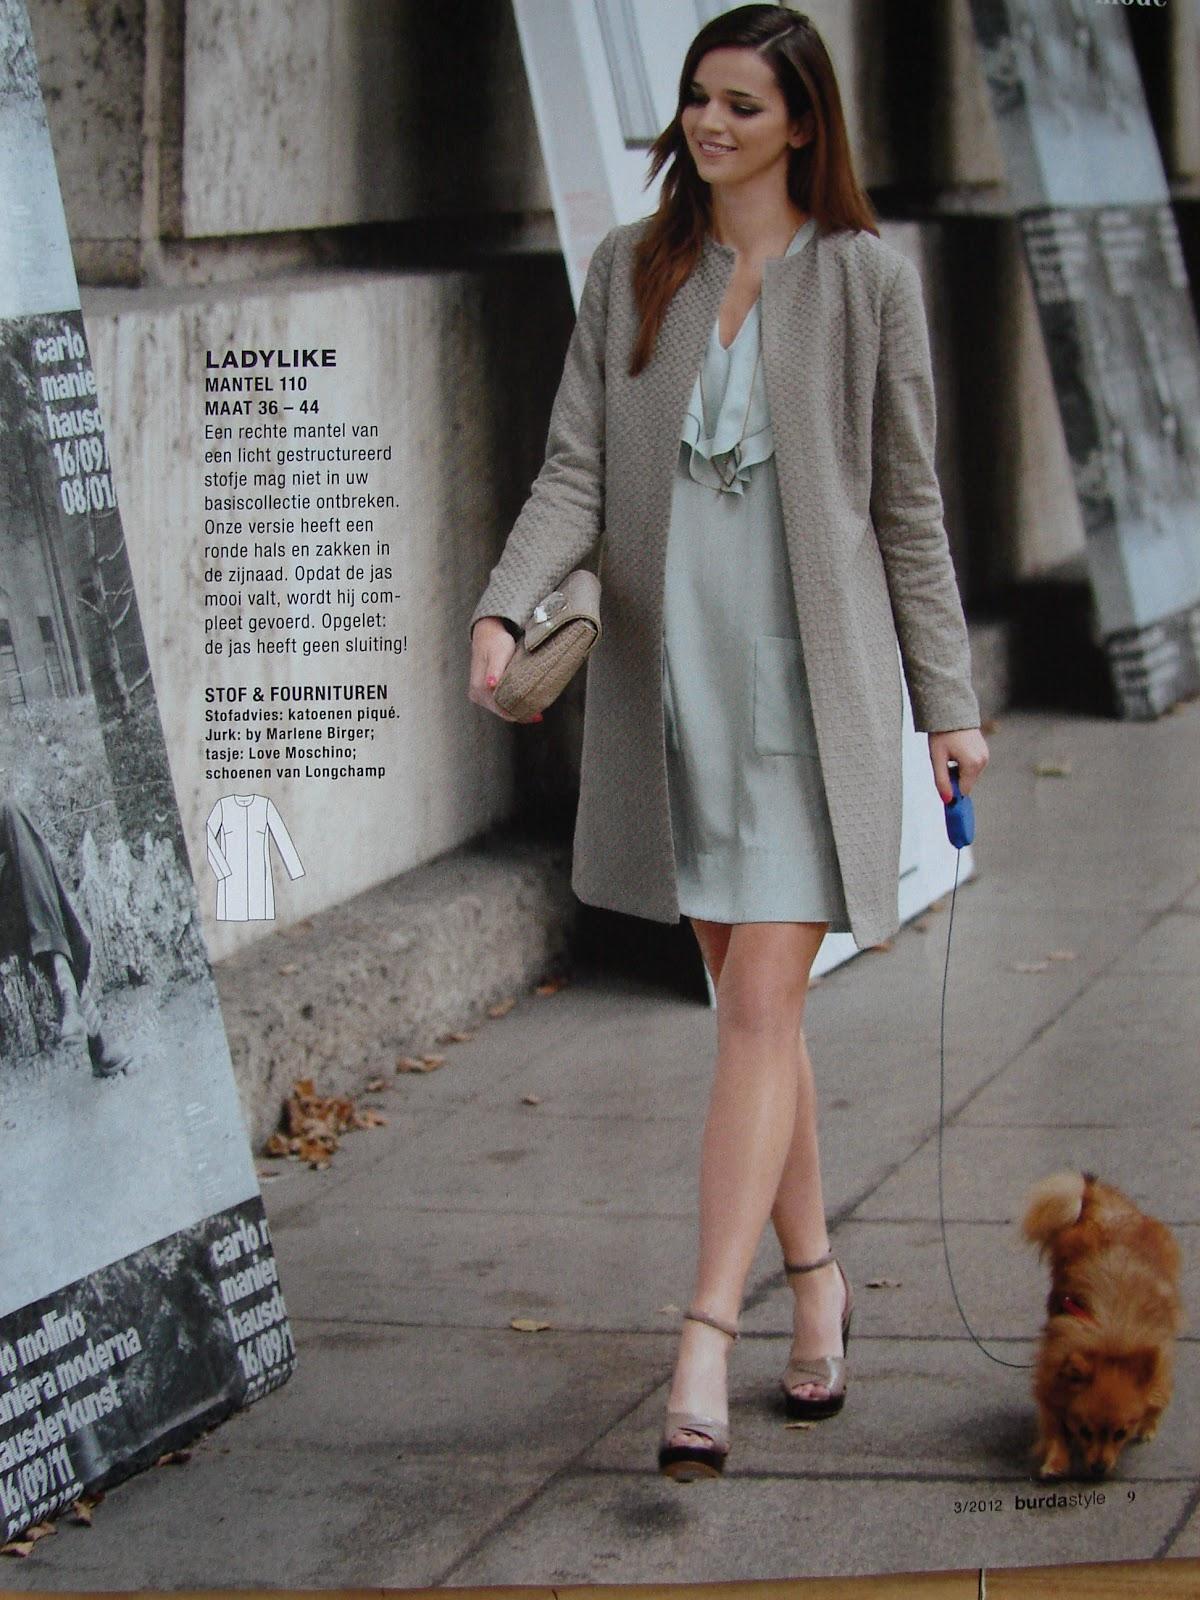 8c45a9b9598f51 Vaak Jurk met bijpassende lange jas – Populaire jurken uit de hele wereld   FT92